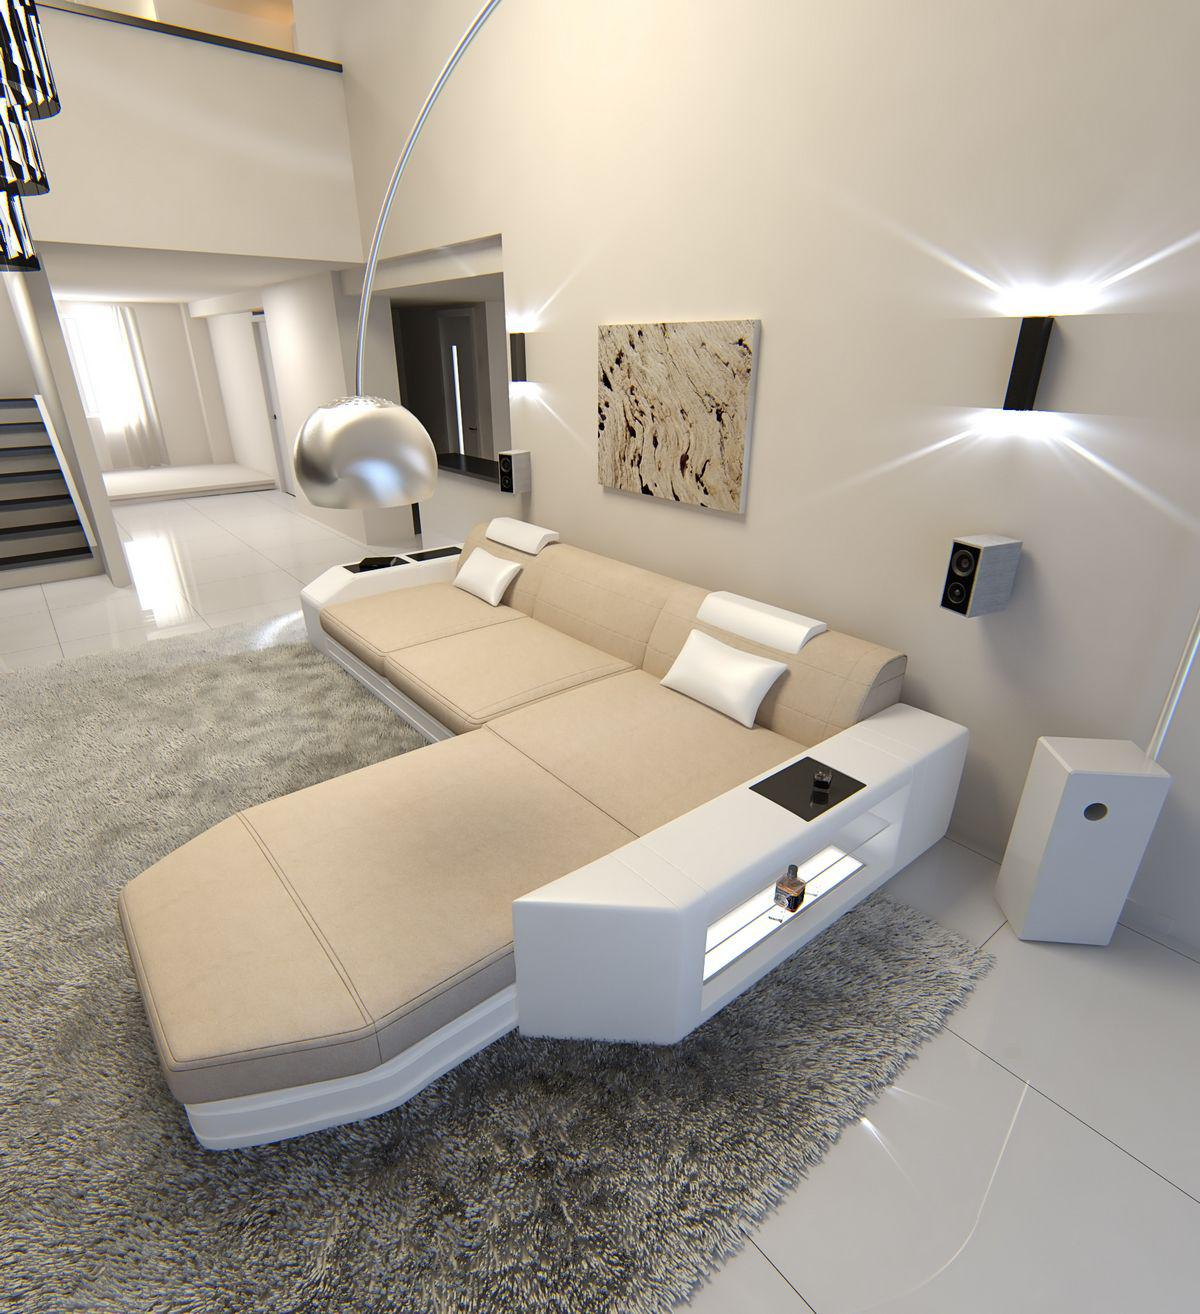 Fabelhaft Sofa L Form Mit Schlaffunktion Galerie Von Prato In Stoff Als Ecksofa Auch Bettfunktion